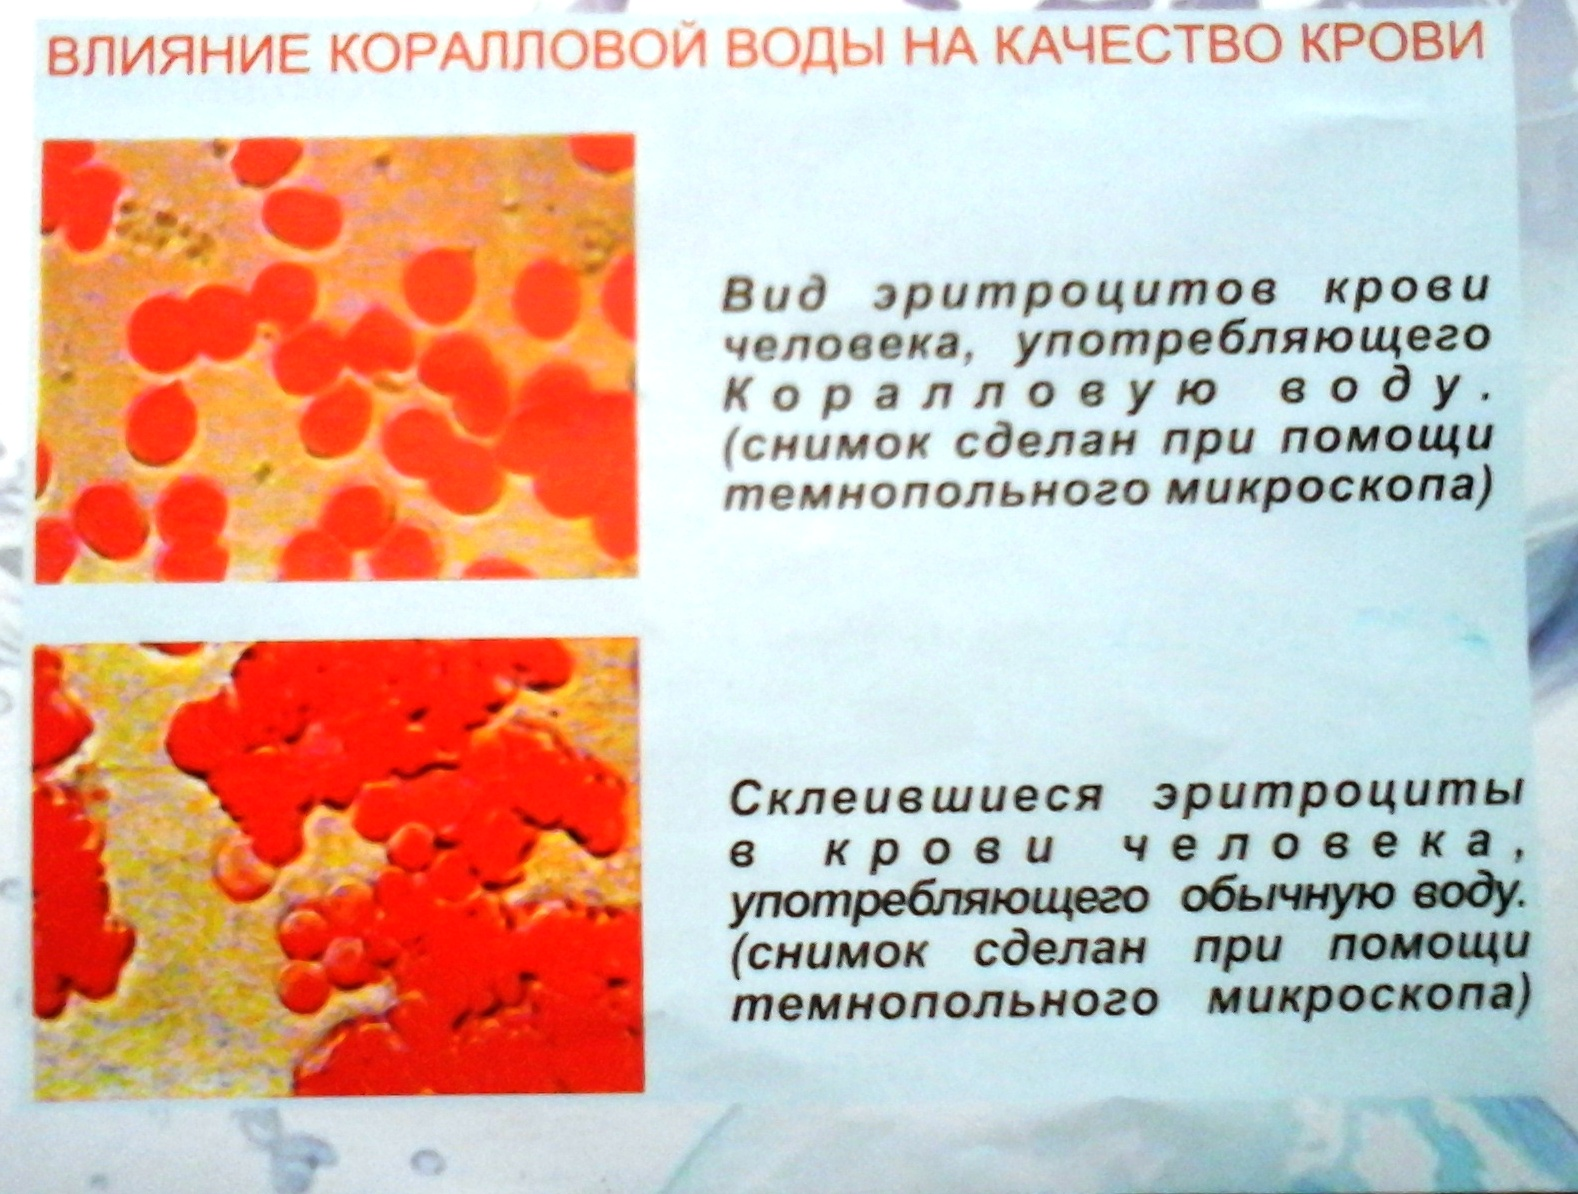 корал кровь